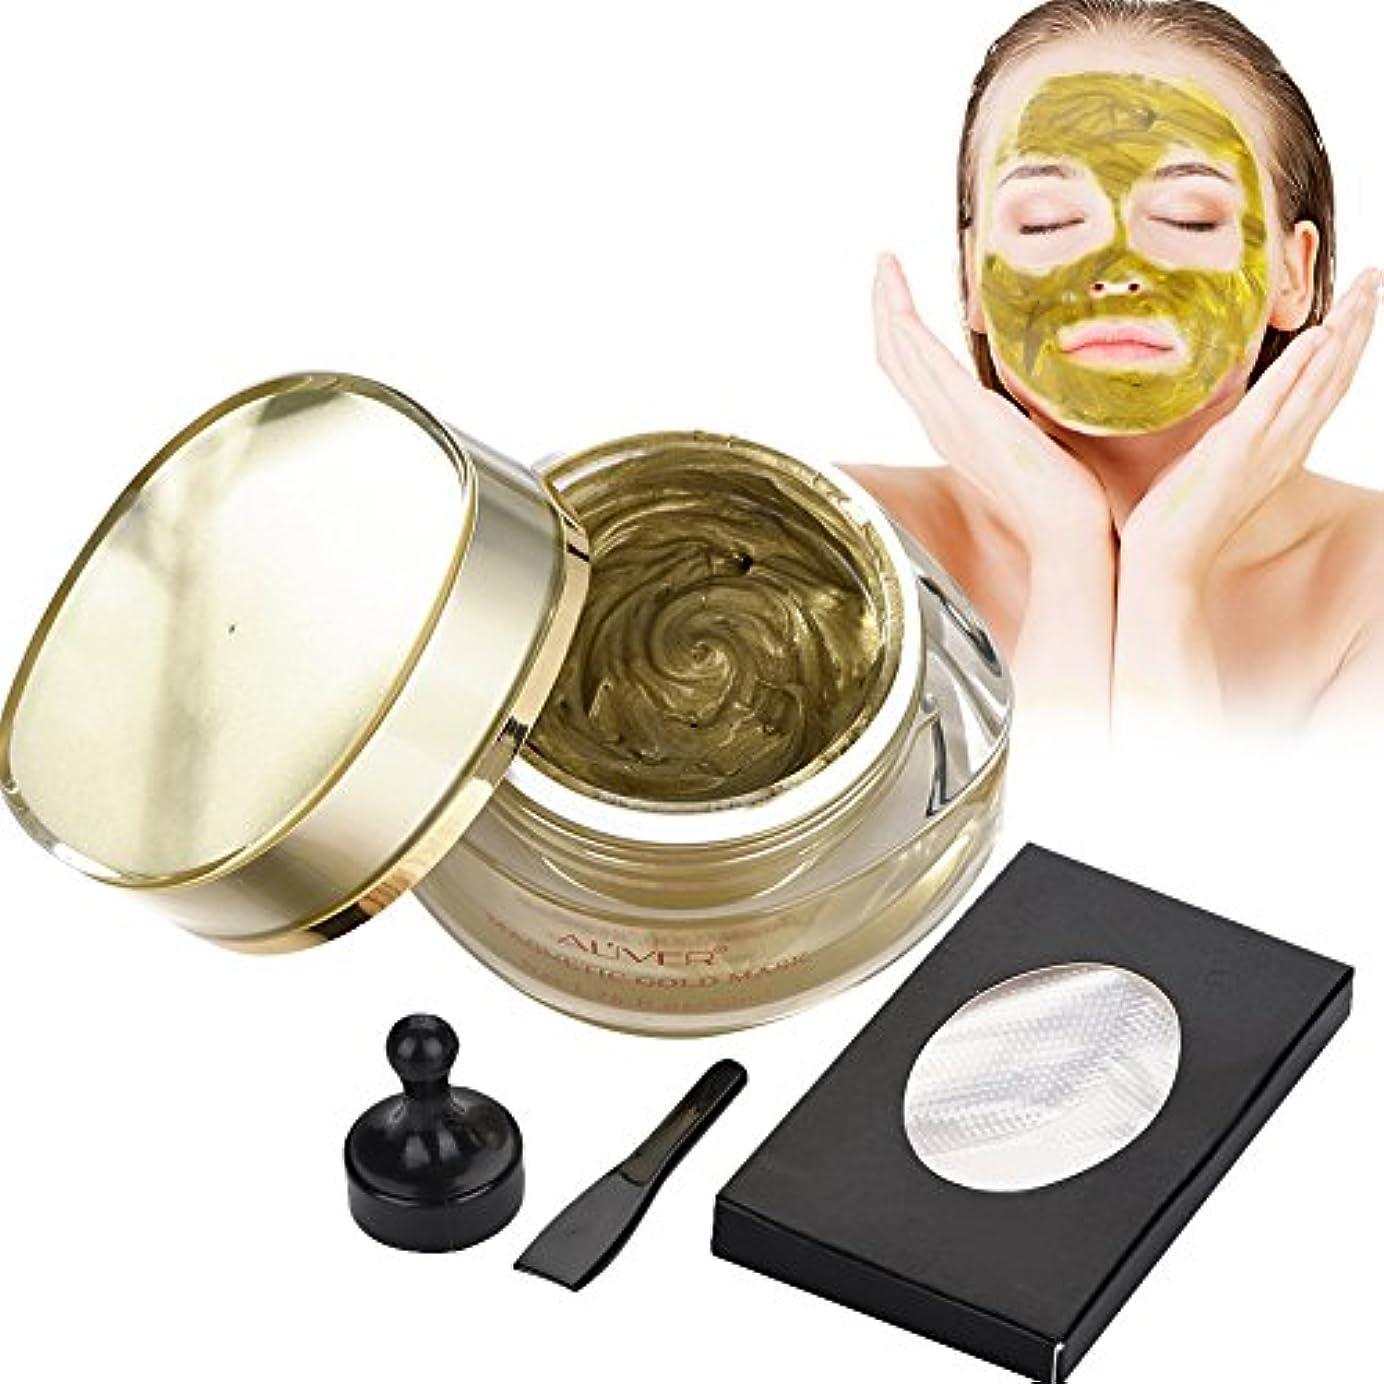 ライセンスモザイク学校磁気ゴールドマスク、フェイシャルスキンケア 自然成分 ミネラルリッチ ディープクレンジングポア 人気があり